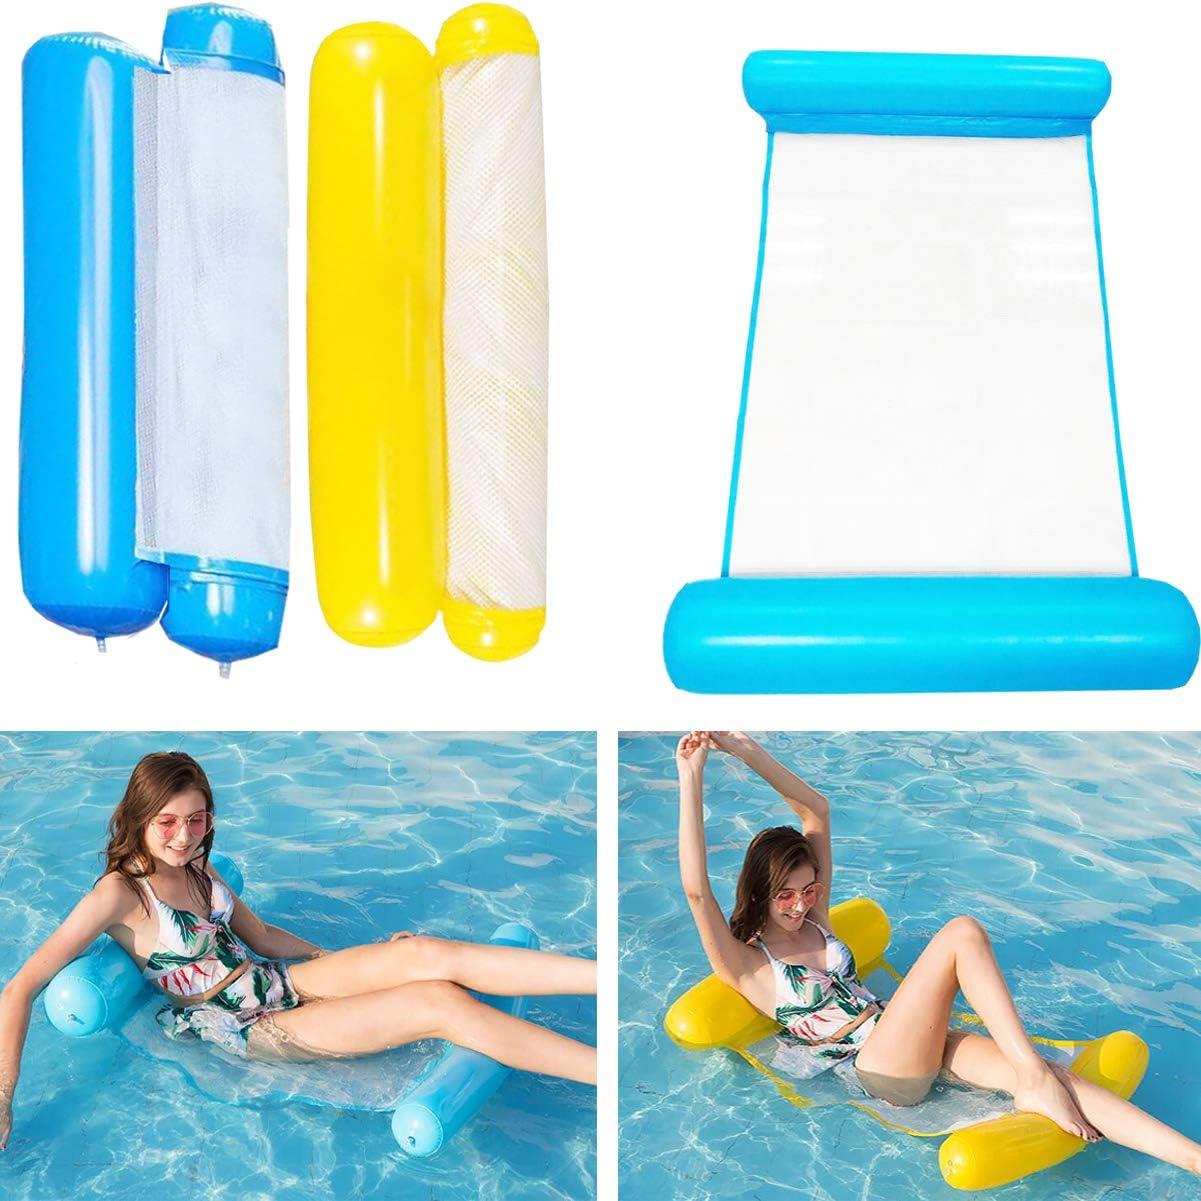 Spiagge da letto galleggianti ad acqua leggera 1PZ amaca d/'acqua per piscina